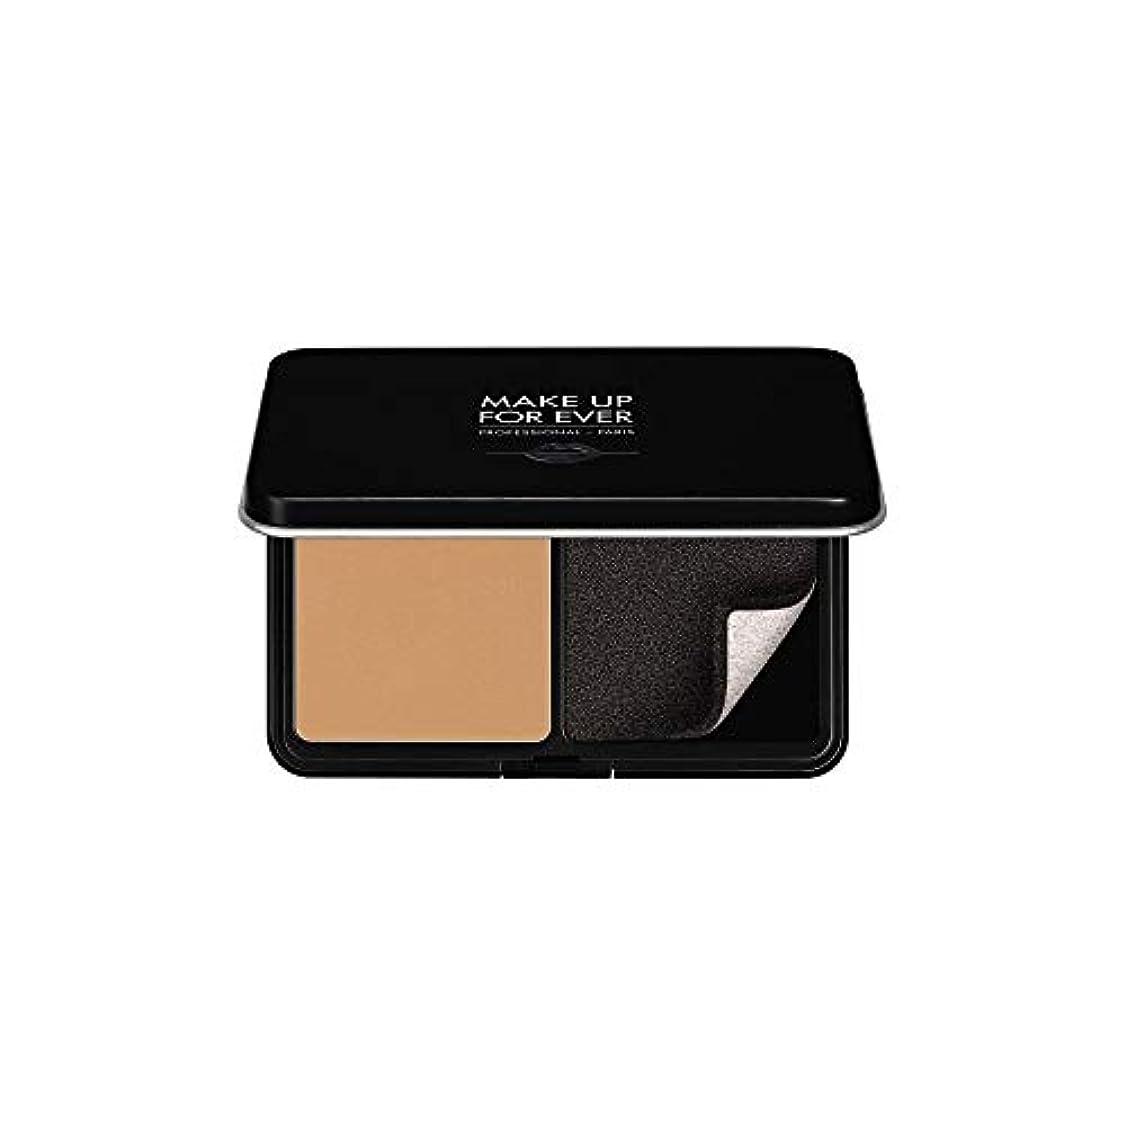 宙返りバルーンおしゃれなメイクアップフォーエバー Matte Velvet Skin Blurring Powder Foundation - # Y375 (Golden Sand) 11g/0.38oz並行輸入品